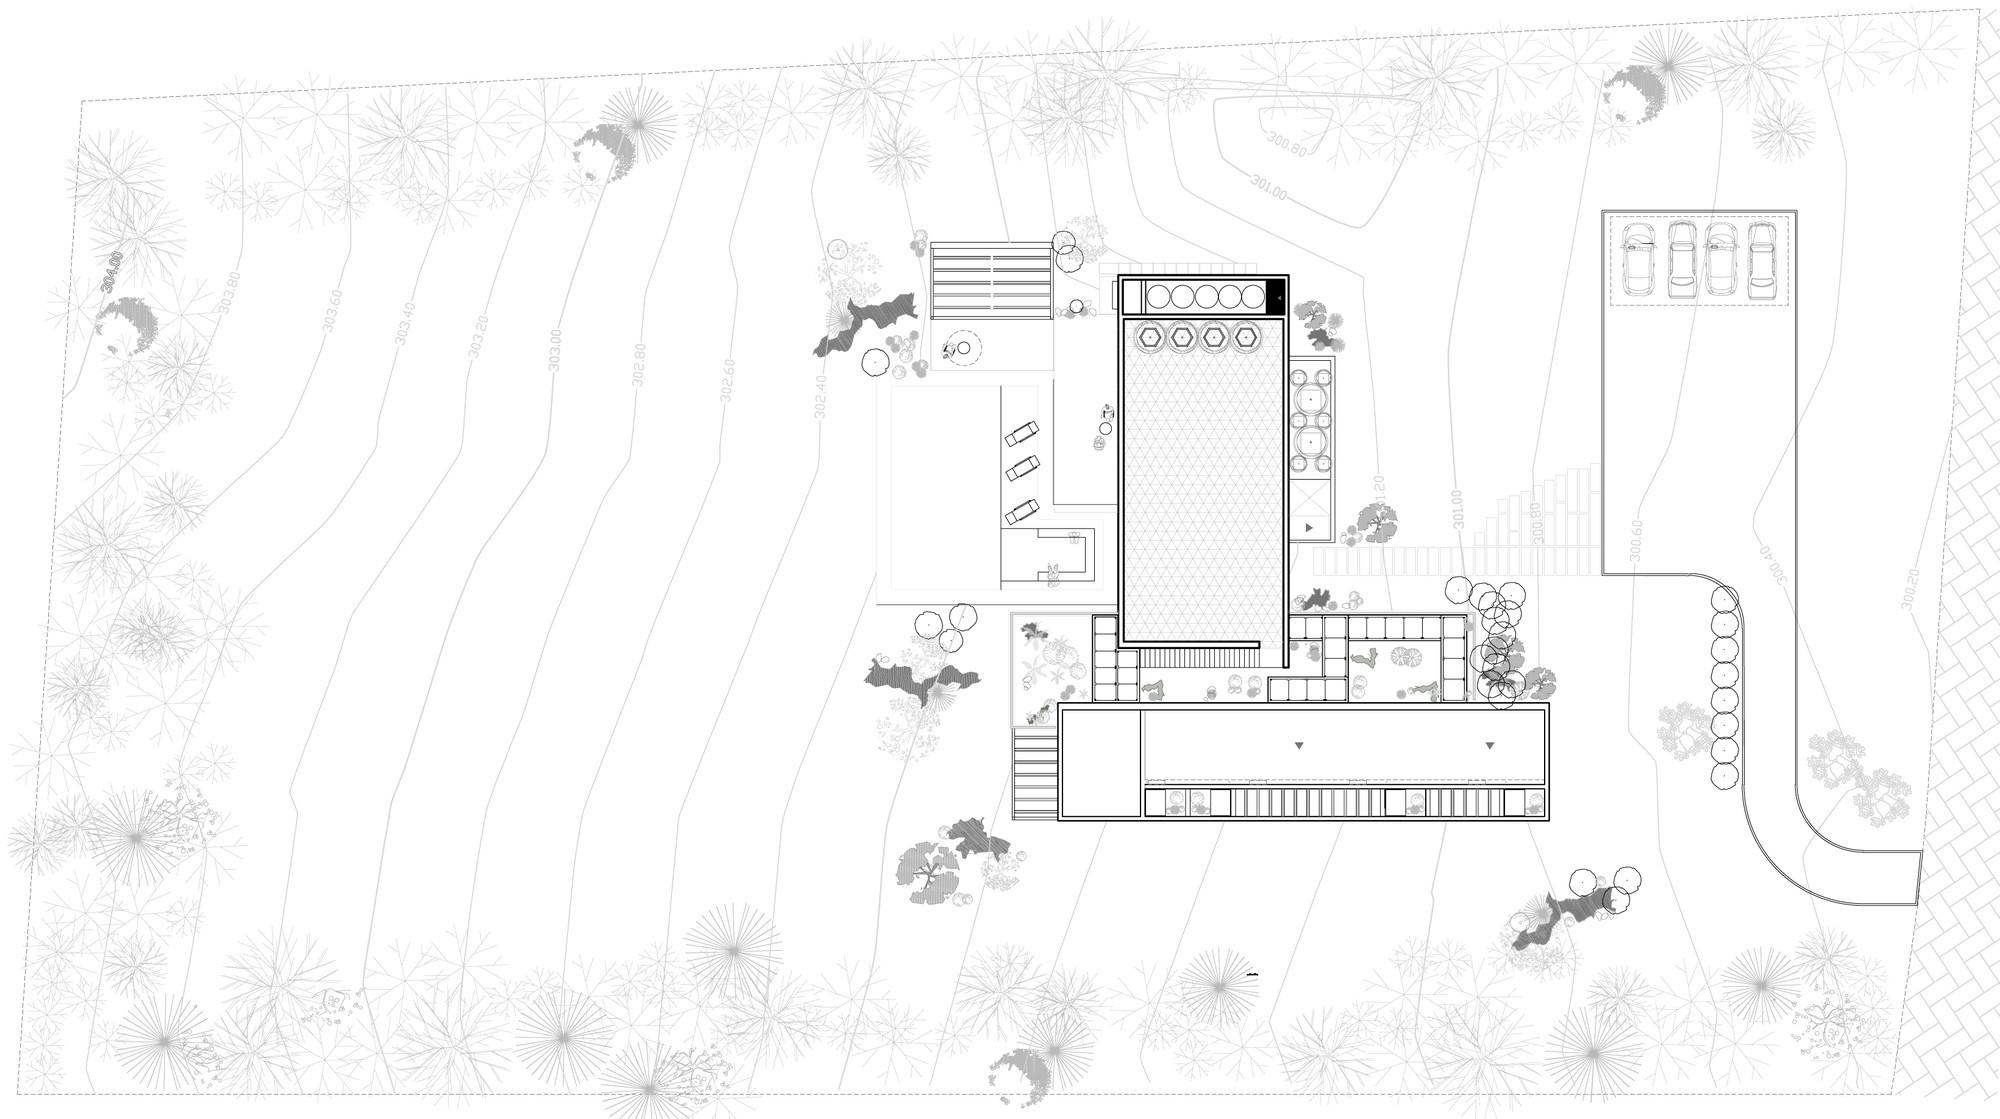 Galer a de condominio el paso de la carrera cavanzo for Materias de la carrera arquitectura